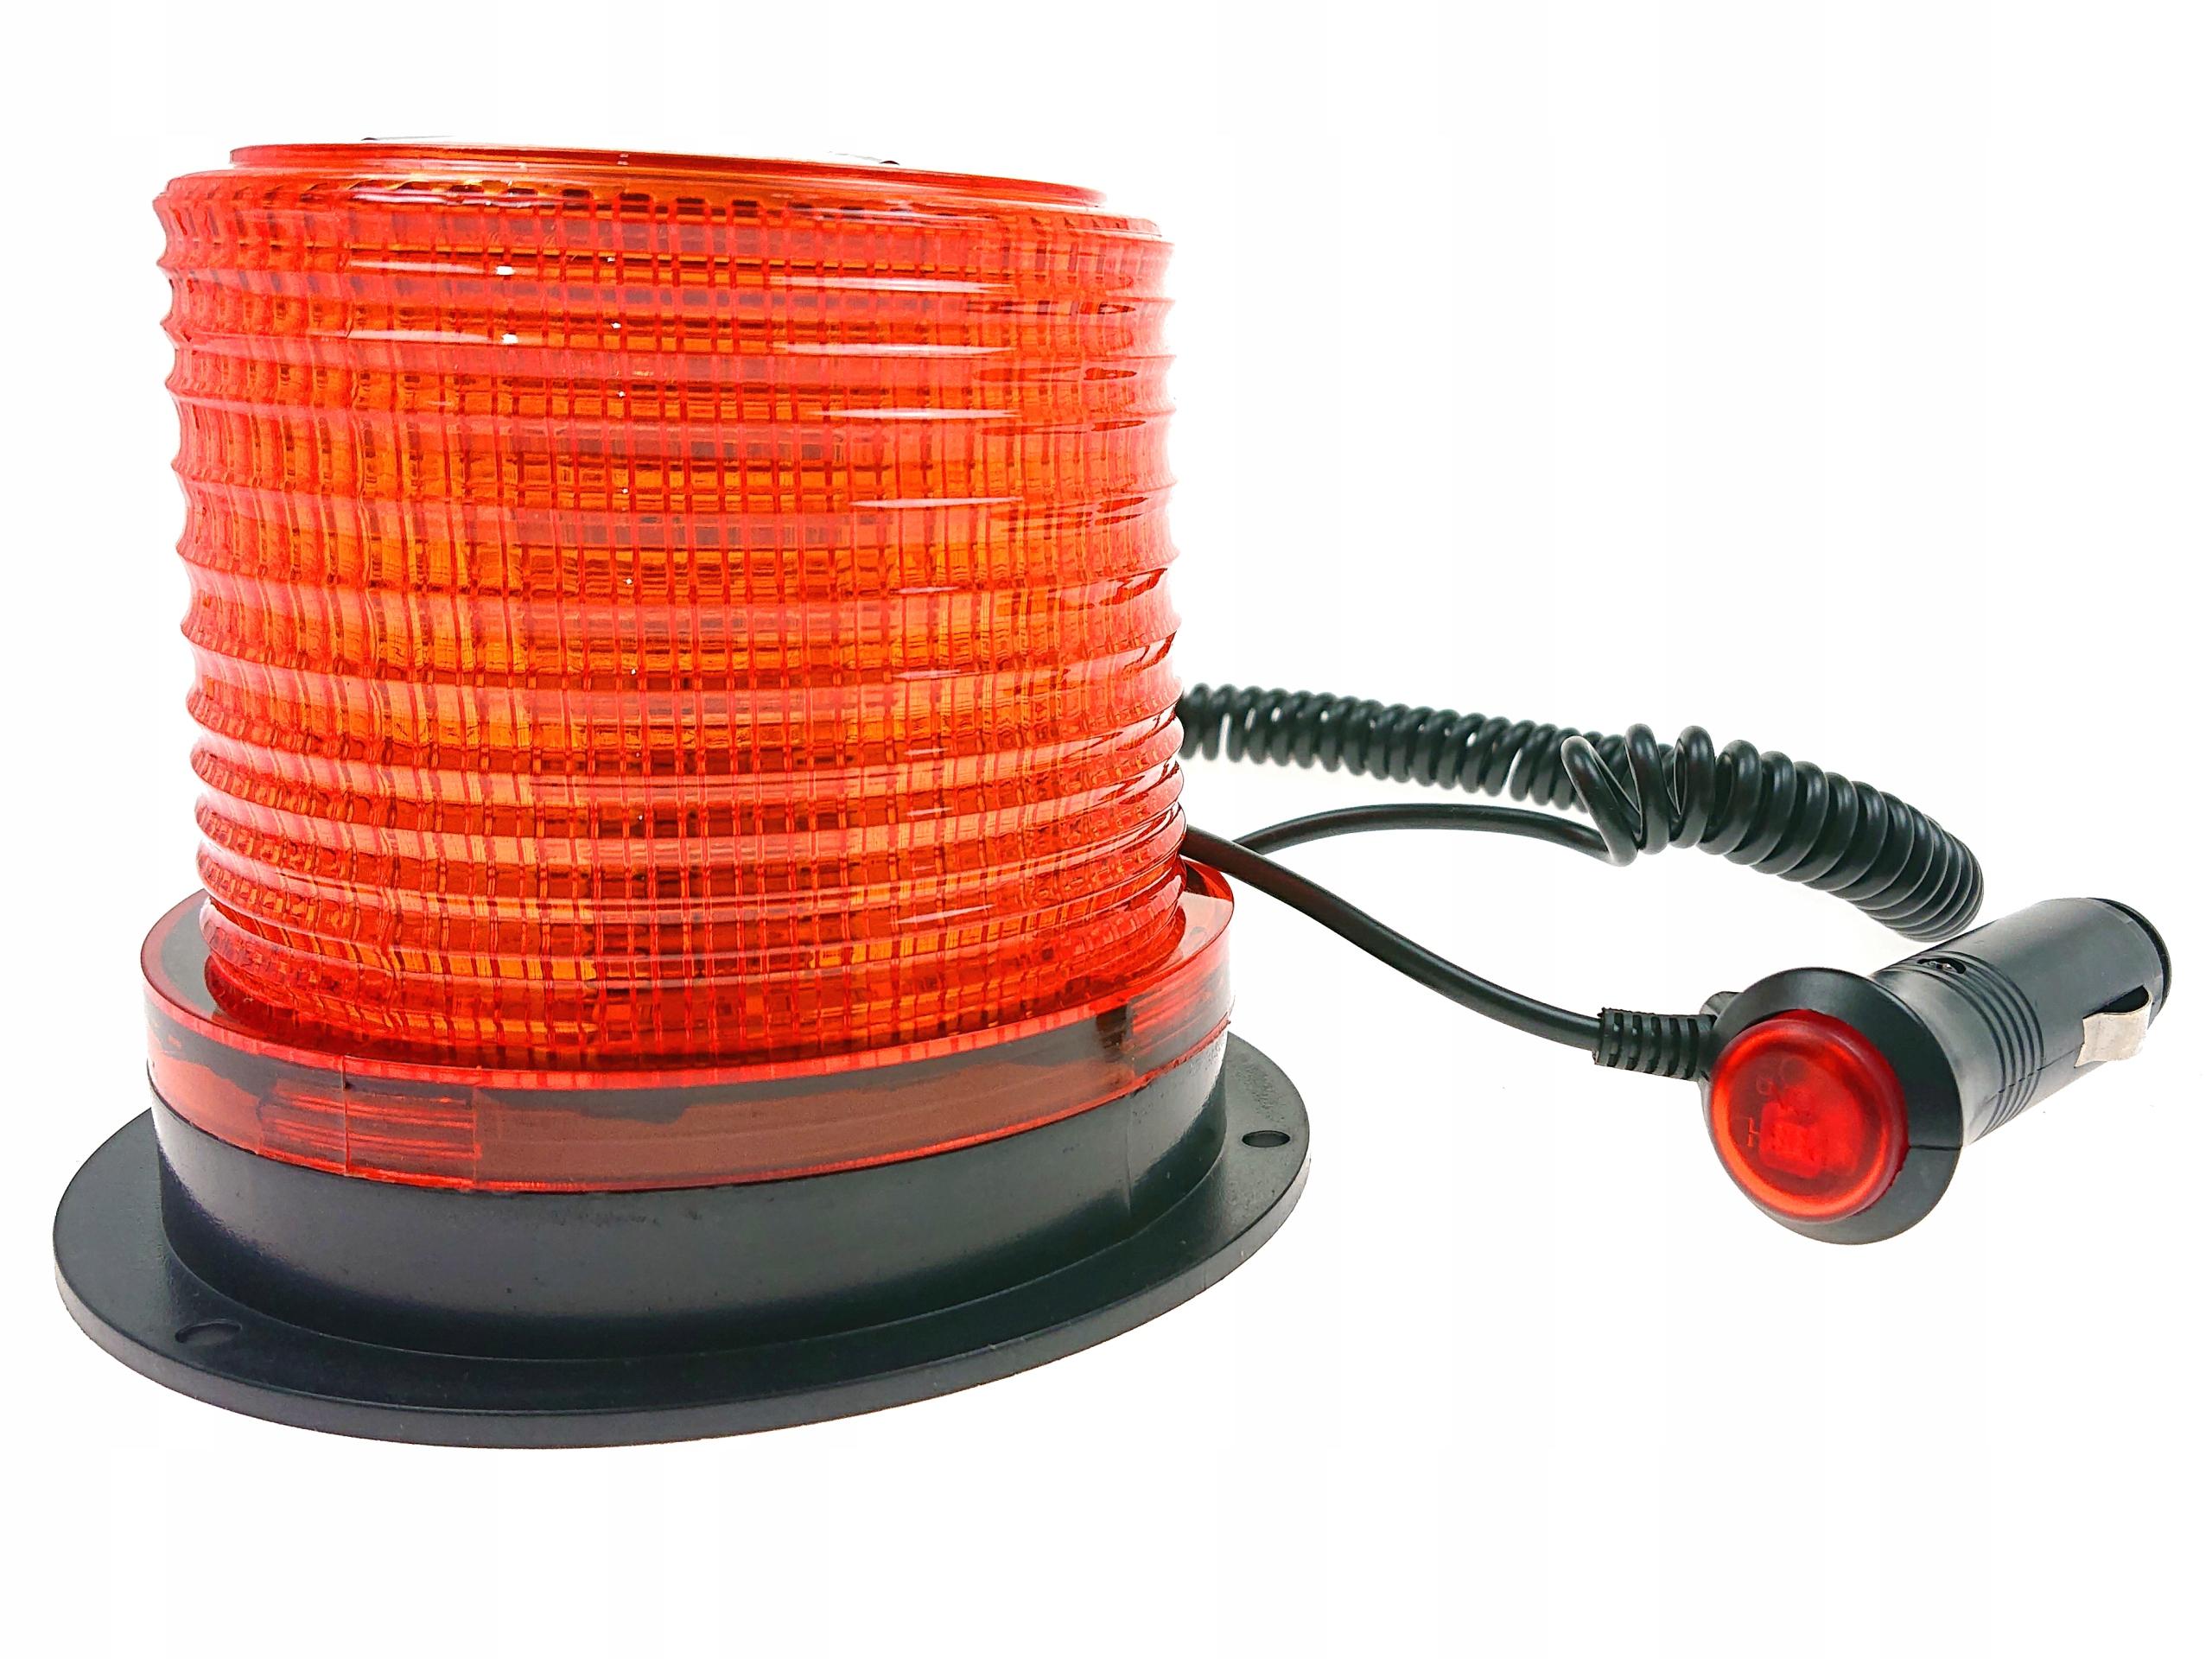 петух лампа предупреждения 12v 24v led стробоскопа магнит